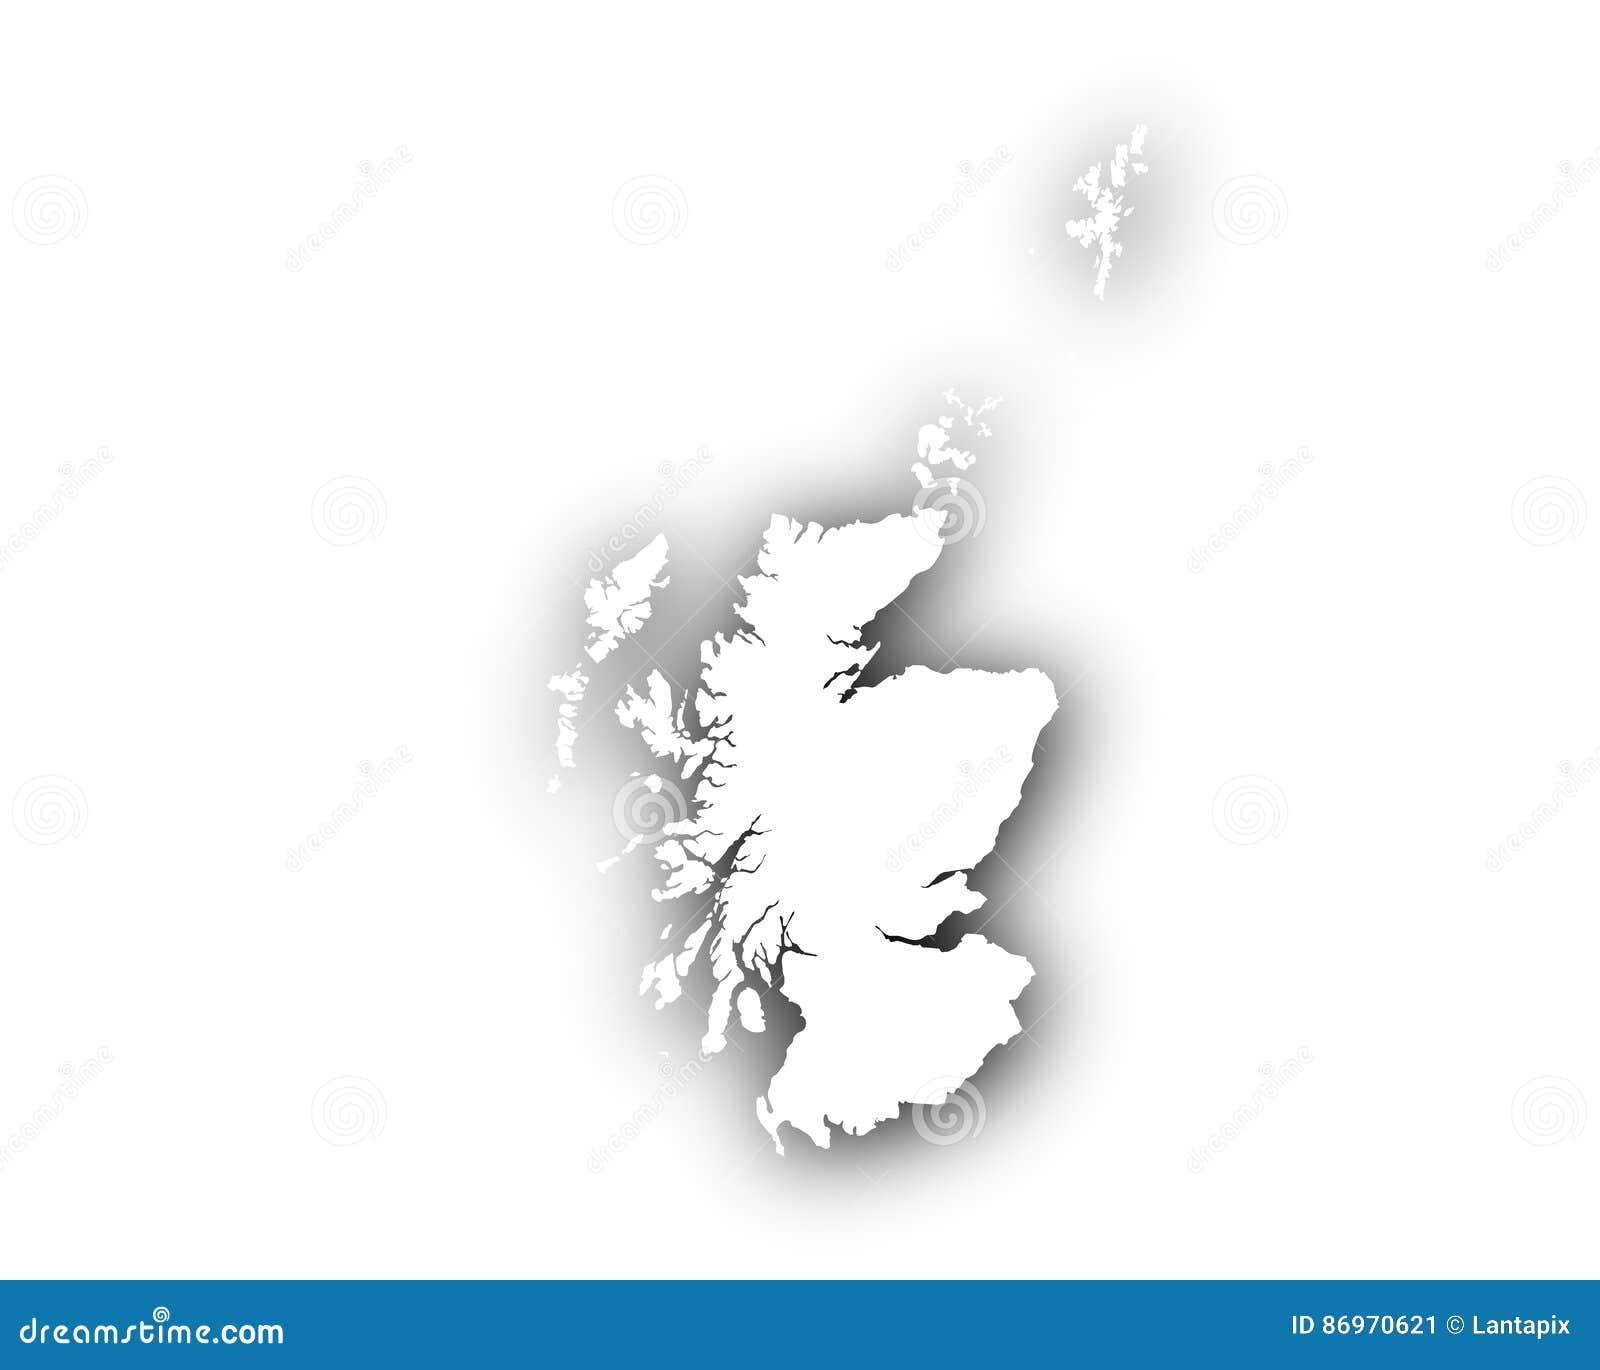 Scozia Cartina Dettagliata.Mappa Della Scozia Con Ombra Illustrazione Vettoriale Illustrazione Di Naturalizzisi Spaziale 86970621